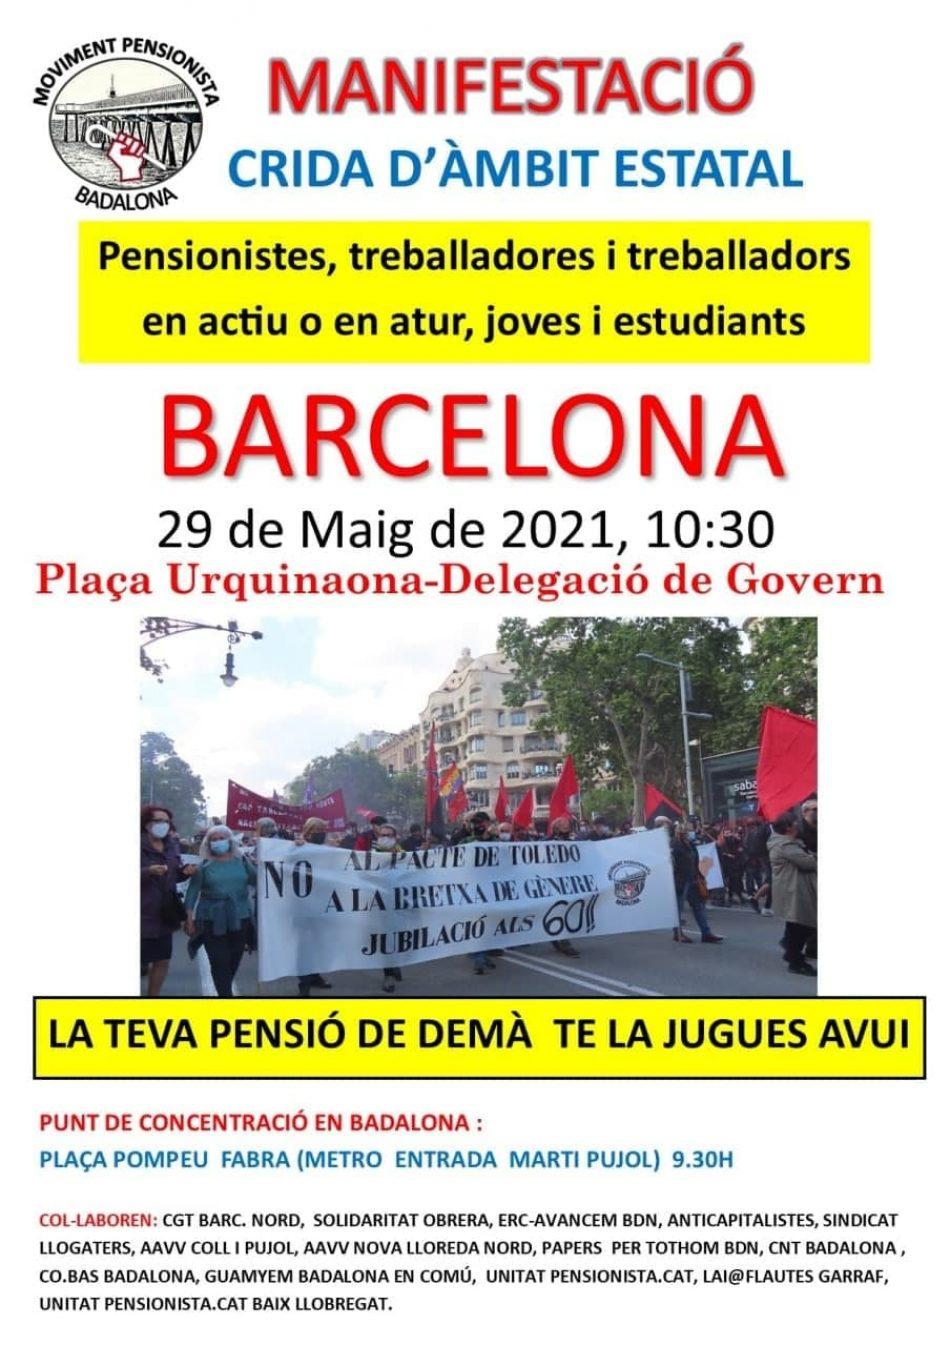 29M: «En defensa de les pensions i els dret laborals i socials, sortim als carrers»